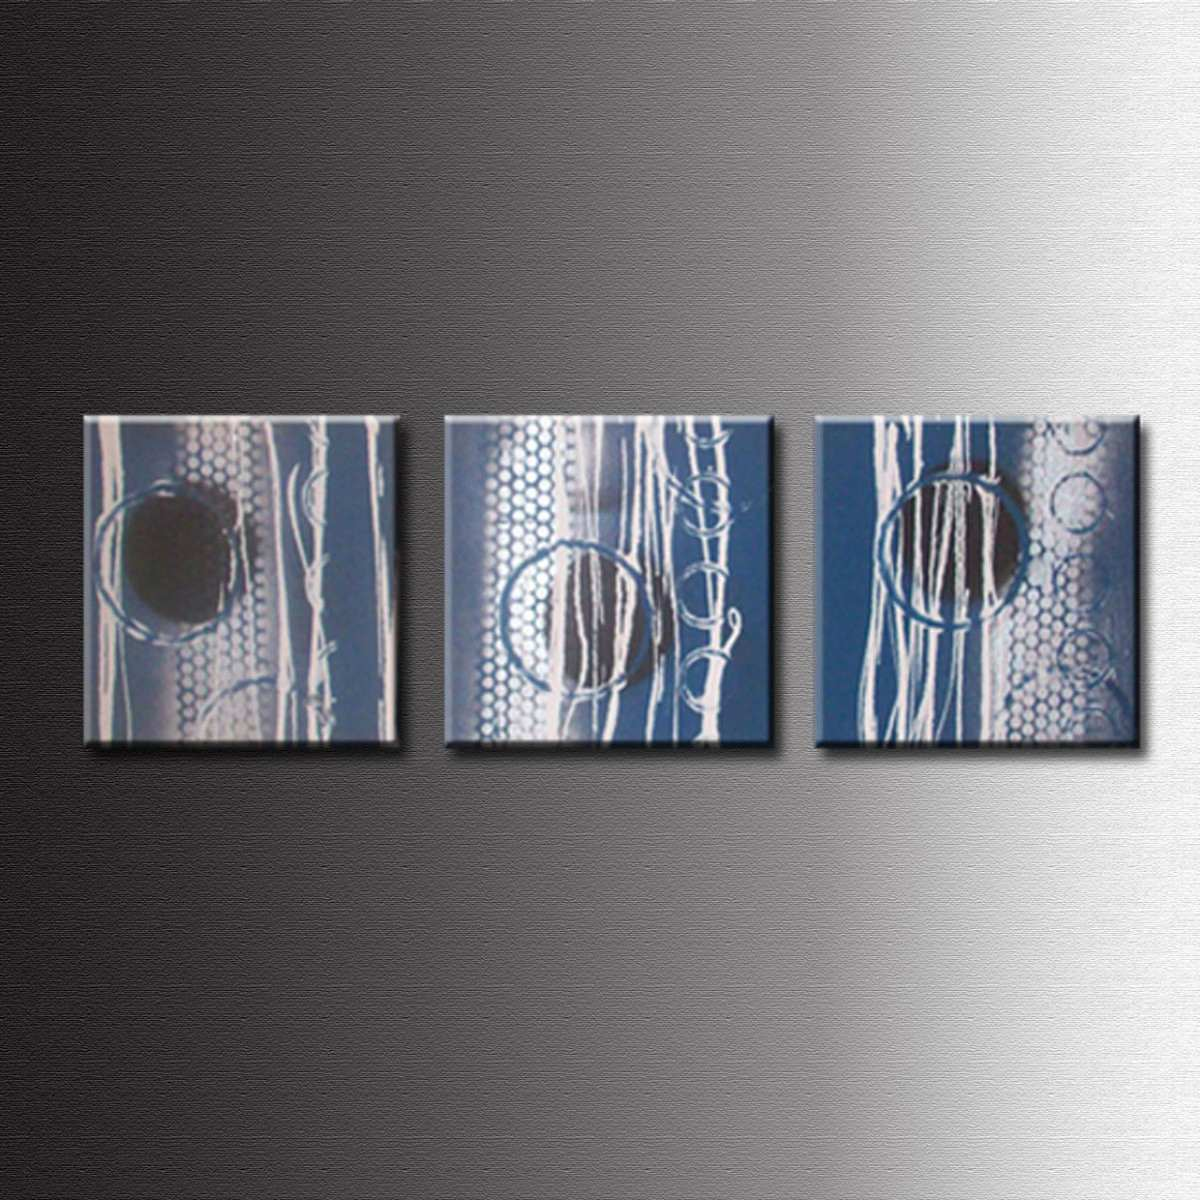 Cuadros abstractos dipticos imagui - Fotos cuadros abstractos ...